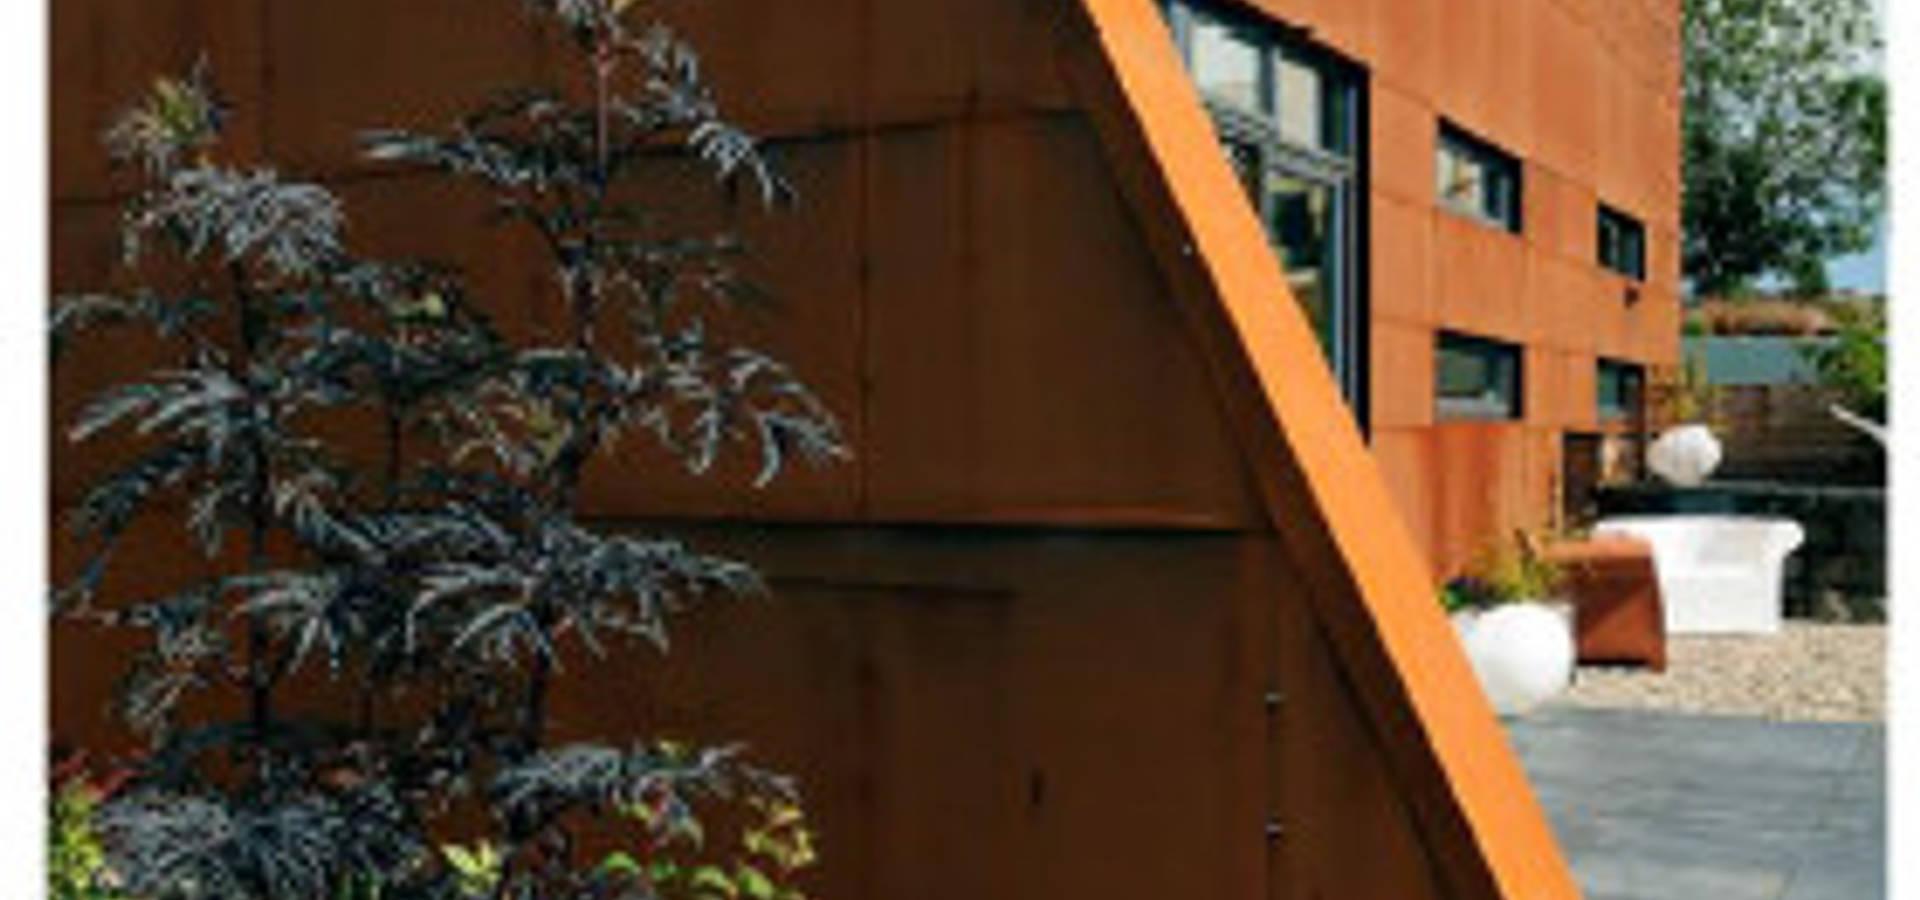 Retool architecture